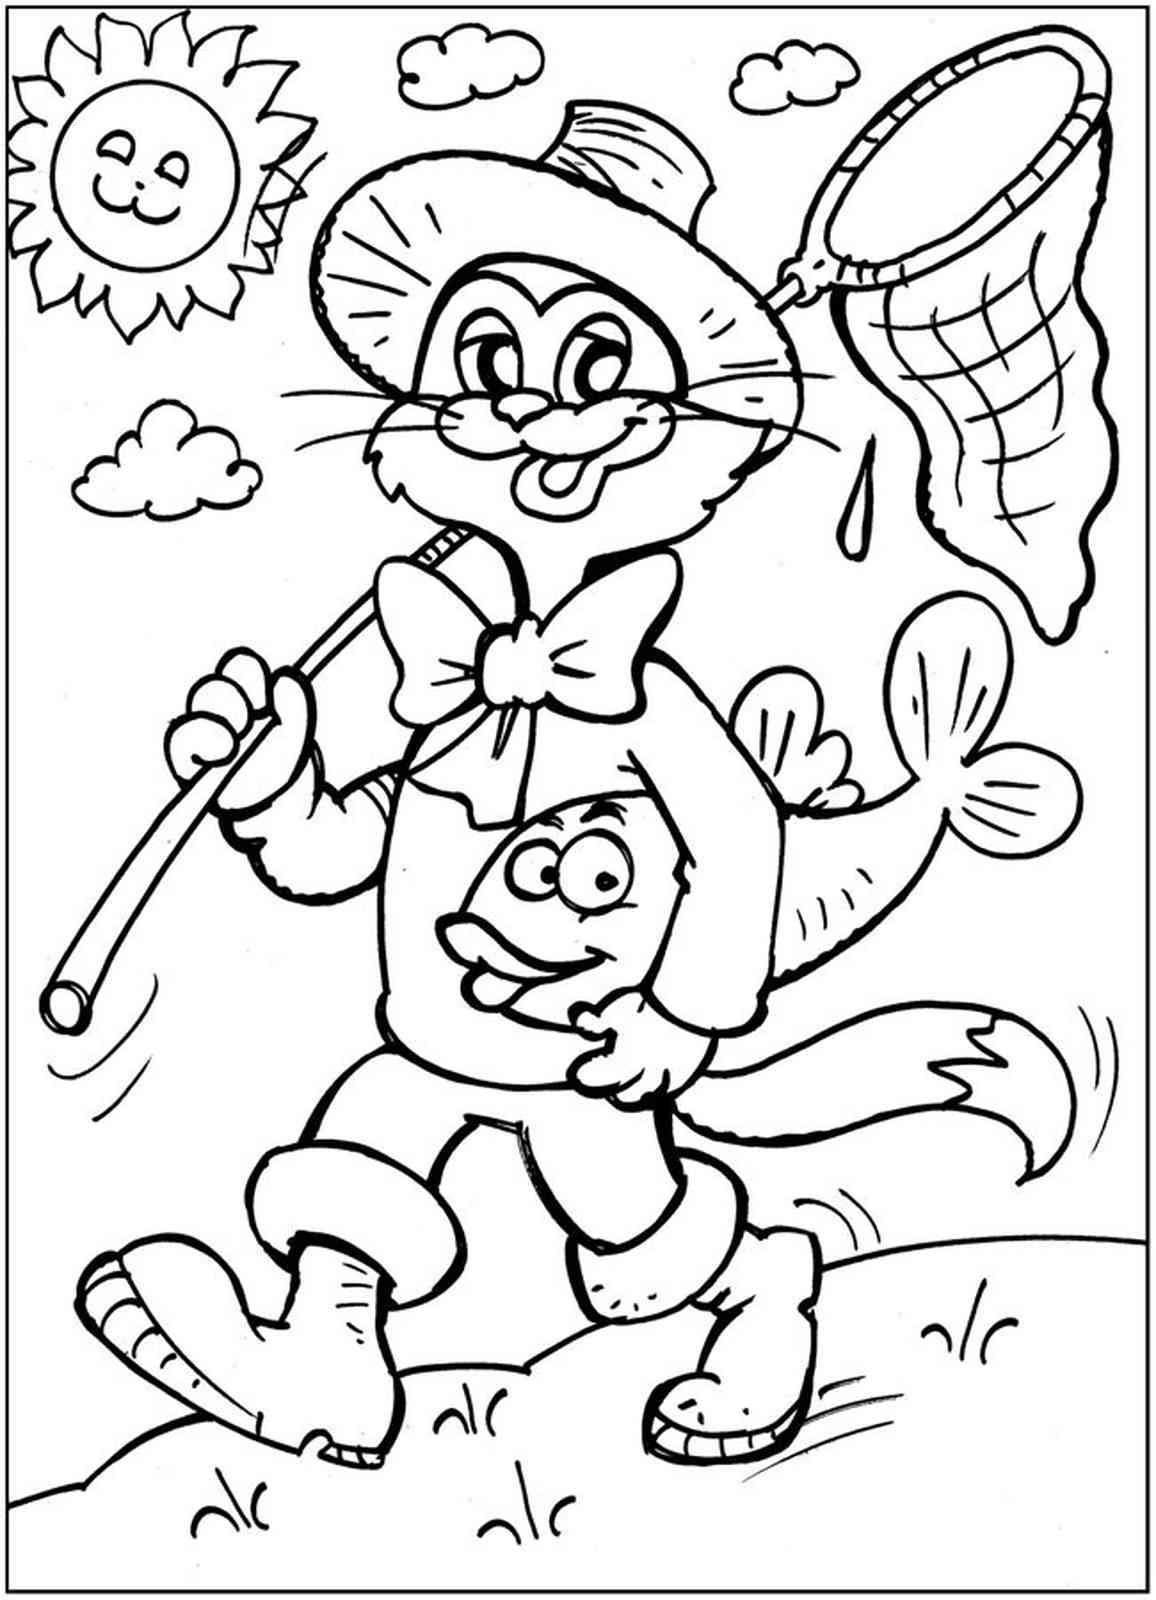 Загадка про кота леопольда для детей